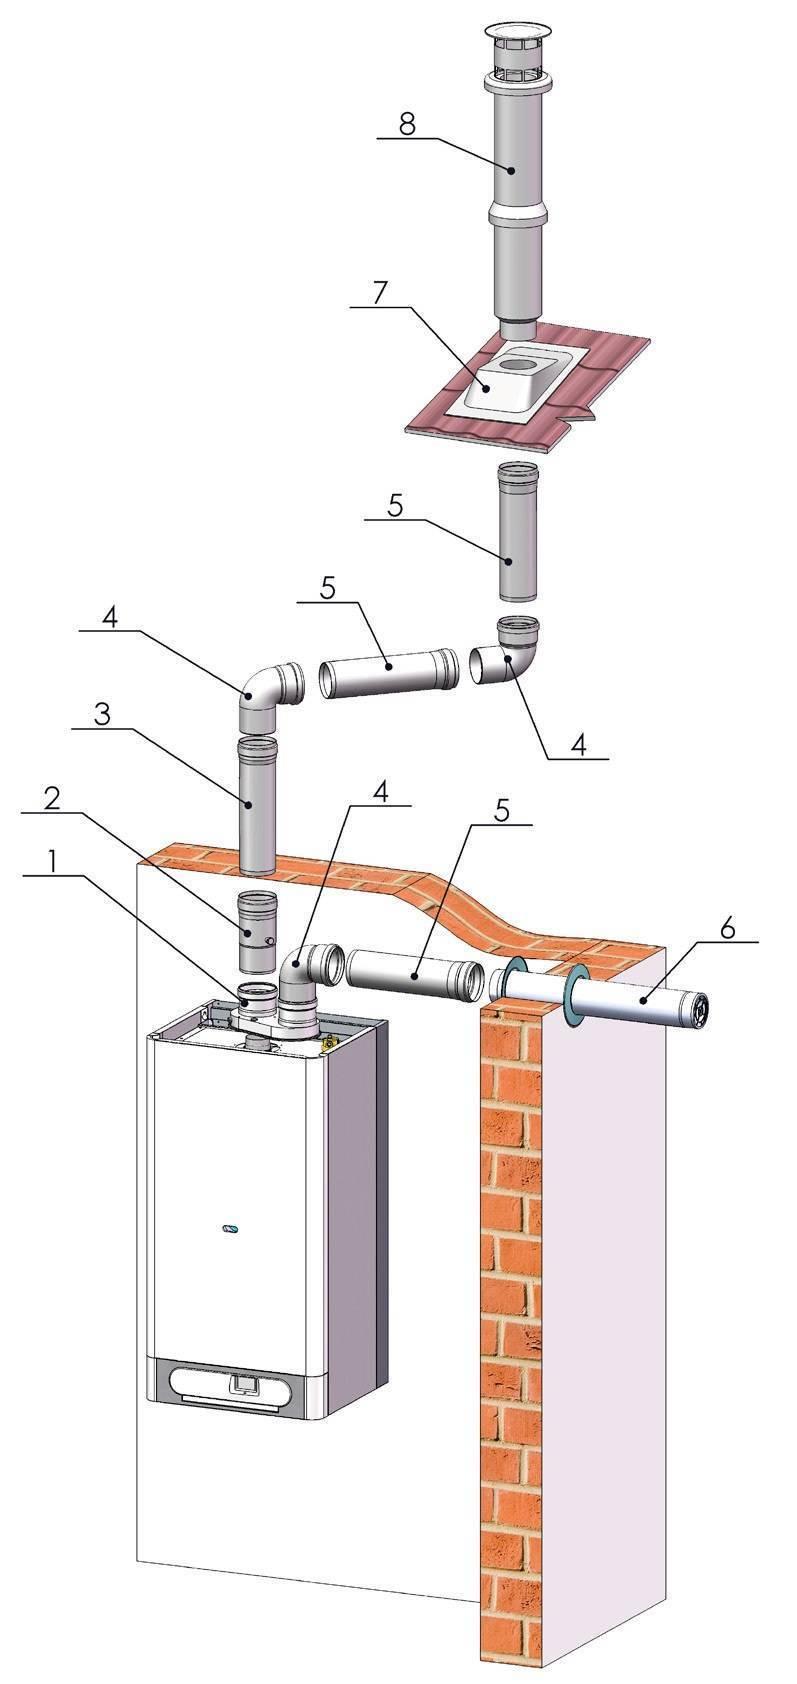 Подбираем дымоход для газового котла: типы, расчёт, пошаговая инструкция по монтажу